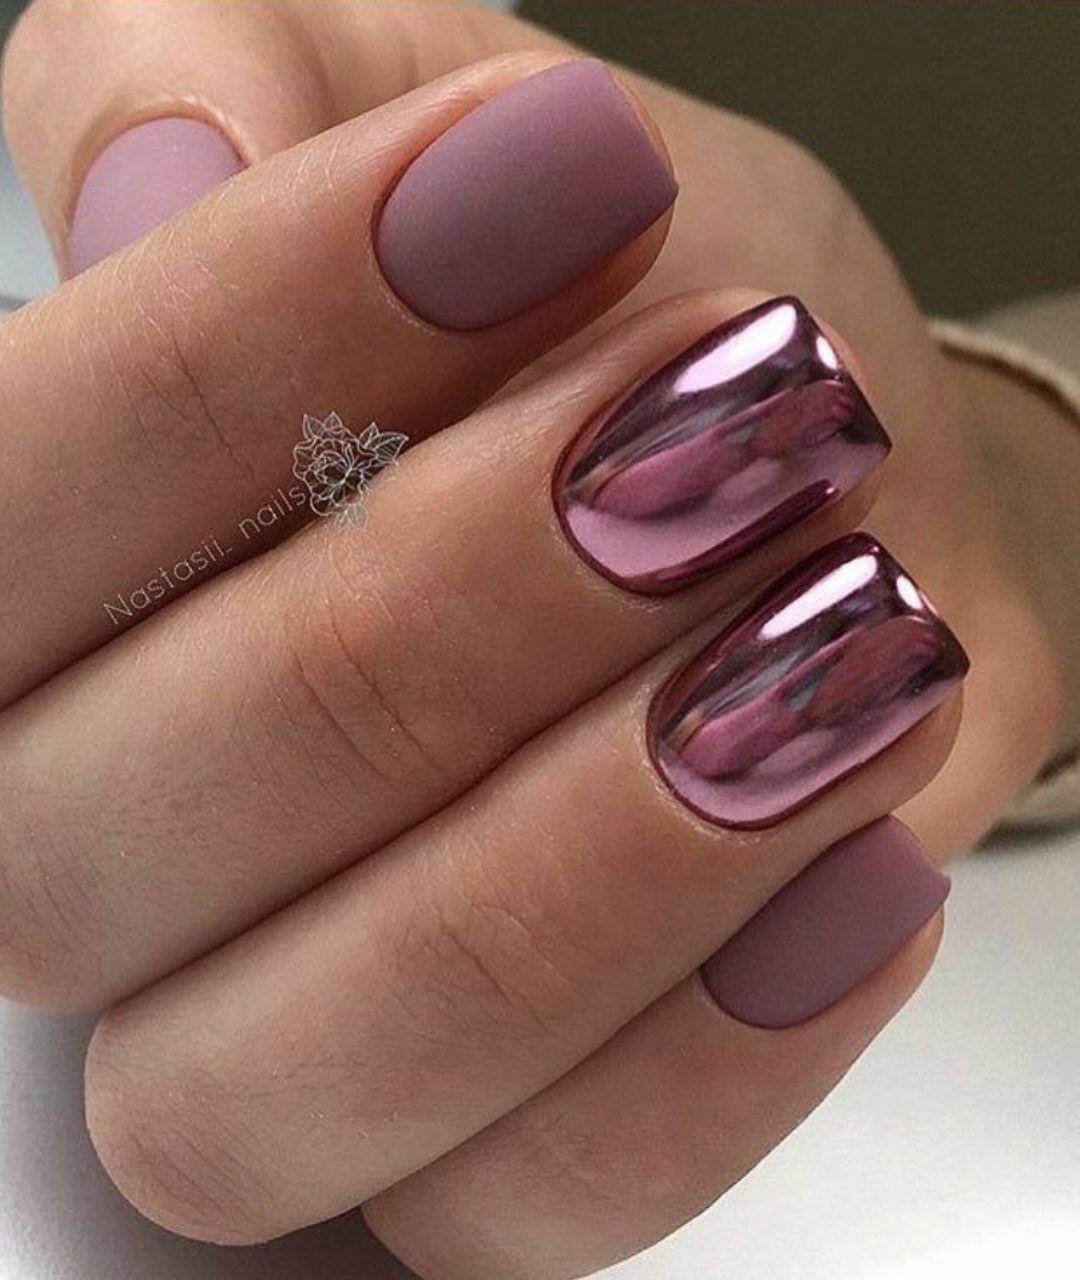 Pin by miriam ramos on nails in pinterest nails nail art